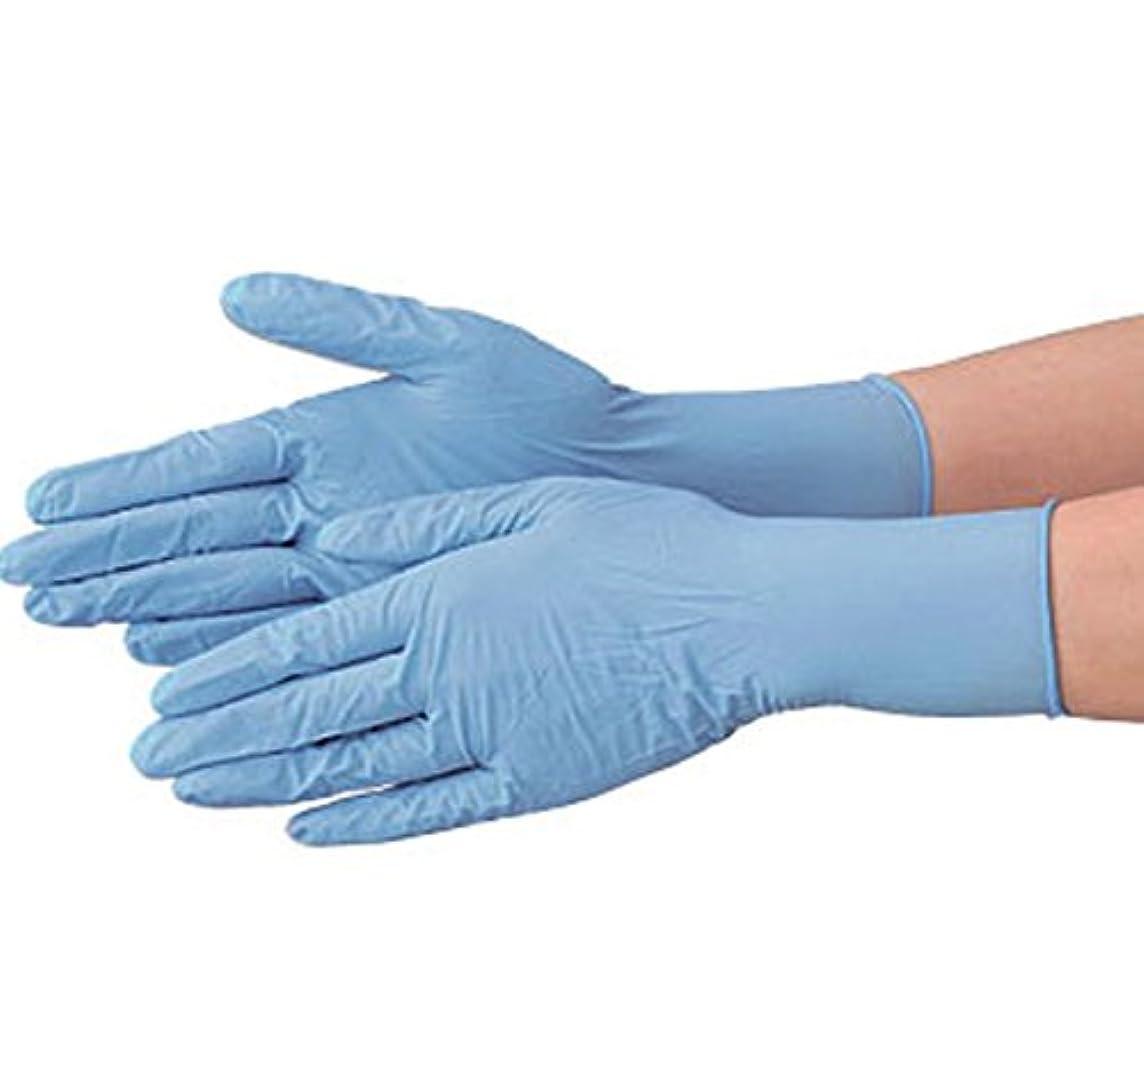 恐竜目的トライアスリート使い捨て 手袋 エブノ 575 ニトリルNEOプラス ブルー Mサイズ パウダーフリー 2ケース(100枚×40箱)